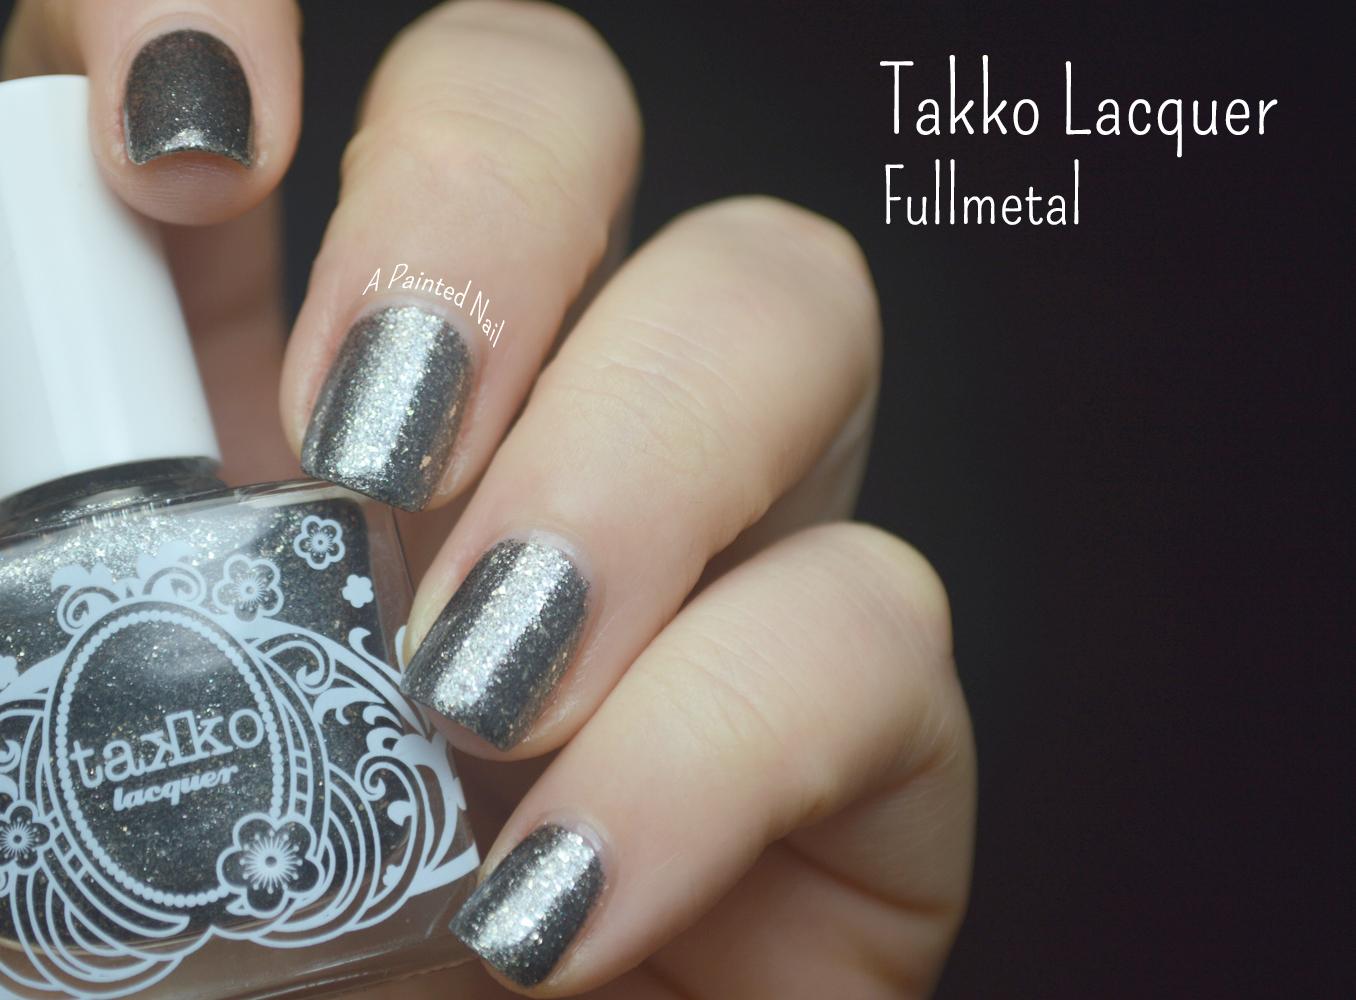 Takko Lacquer Fullmetal